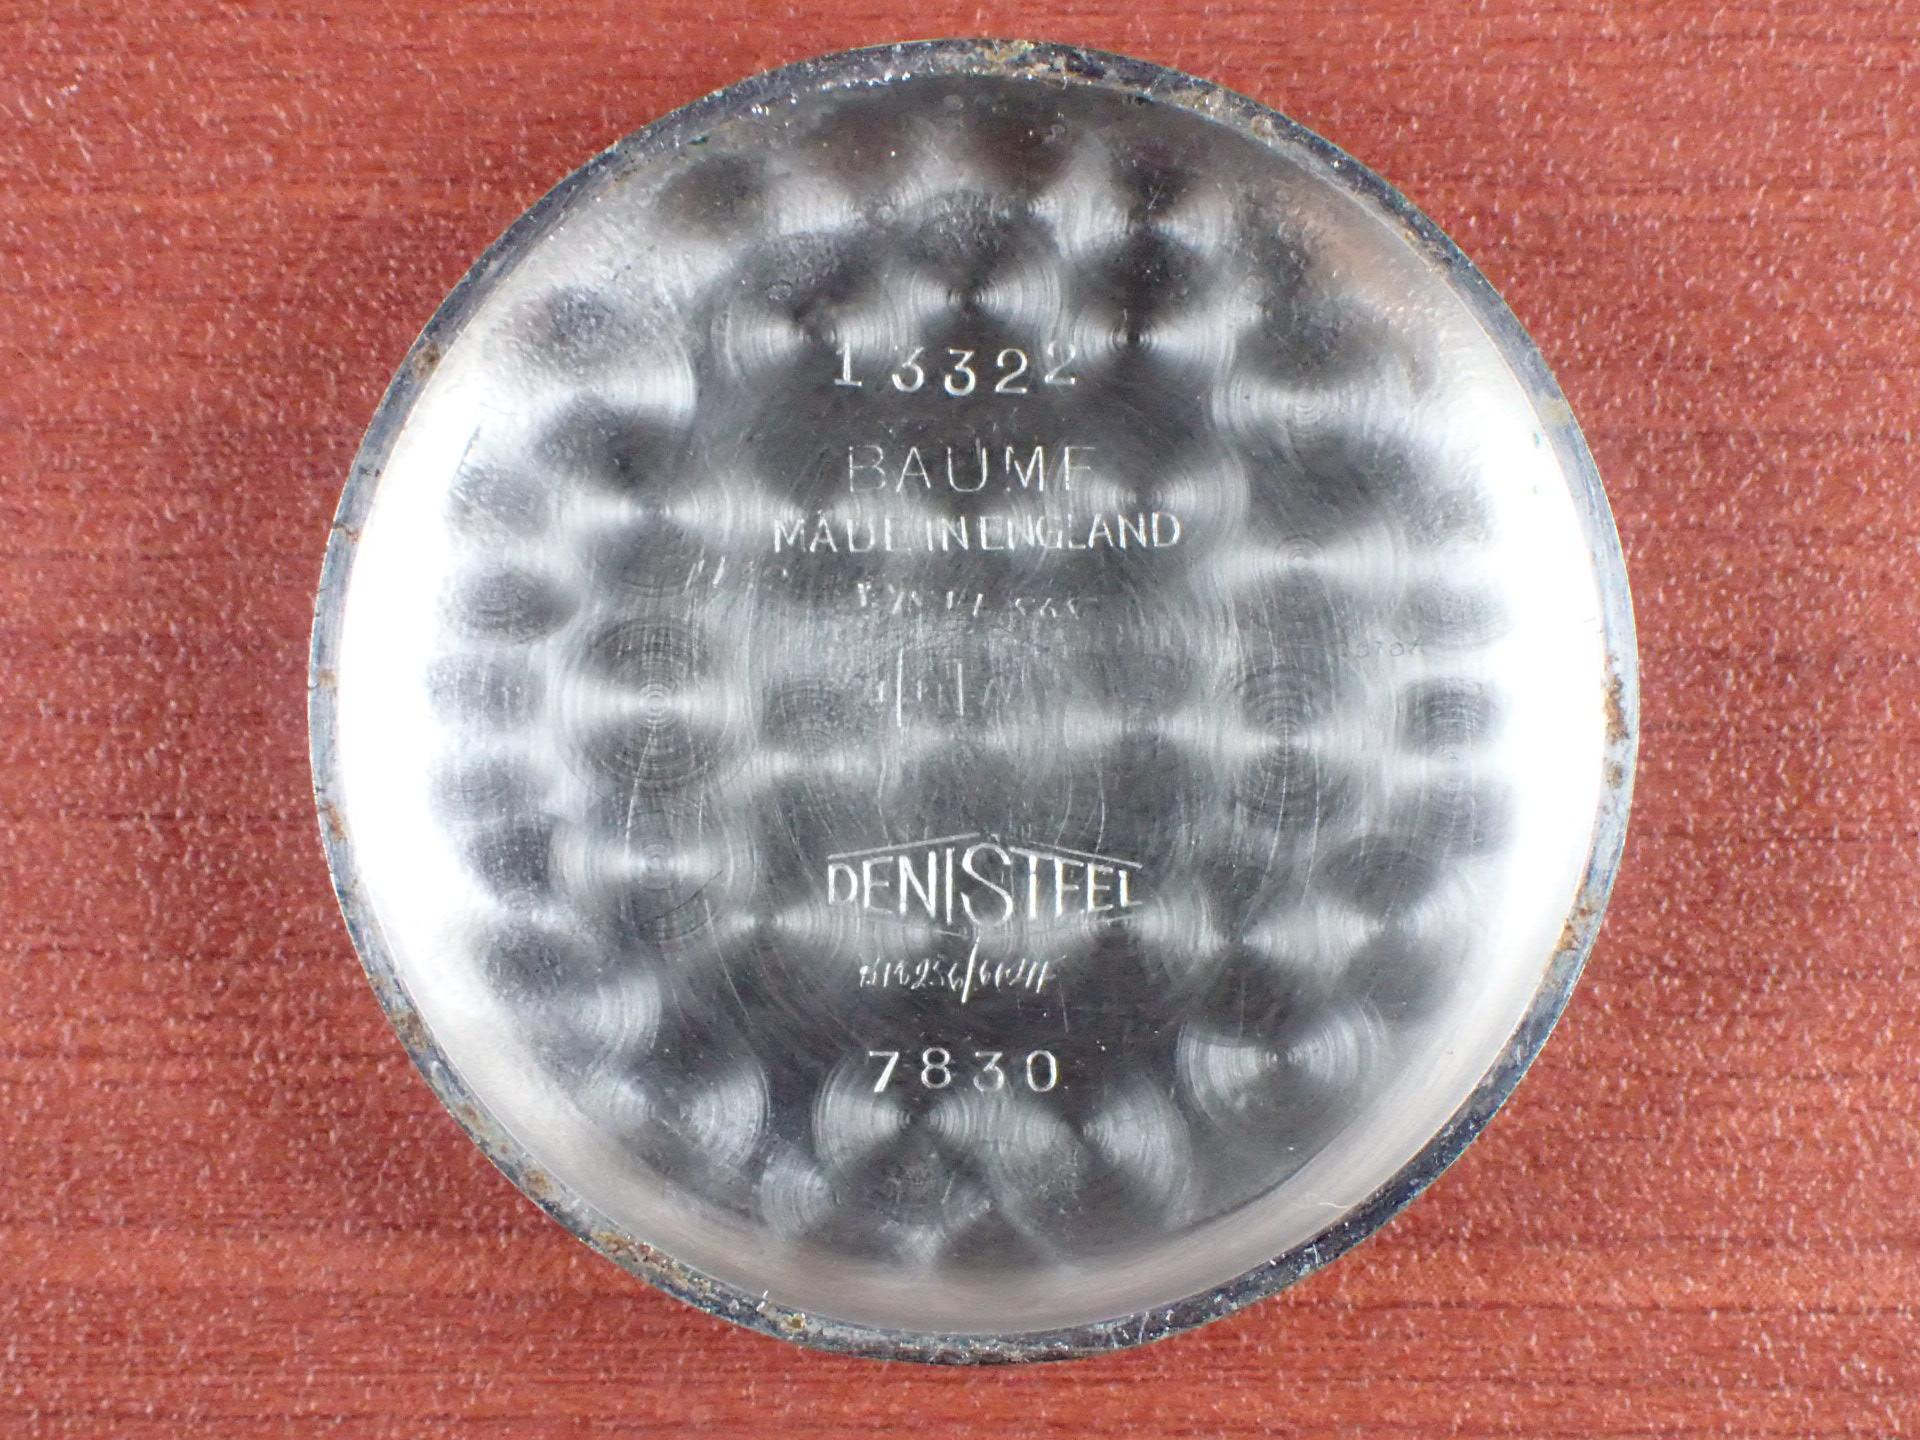 ロンジン キャリバー12.68ZS アプライドインデックス デニソンケース 1950年代の写真6枚目